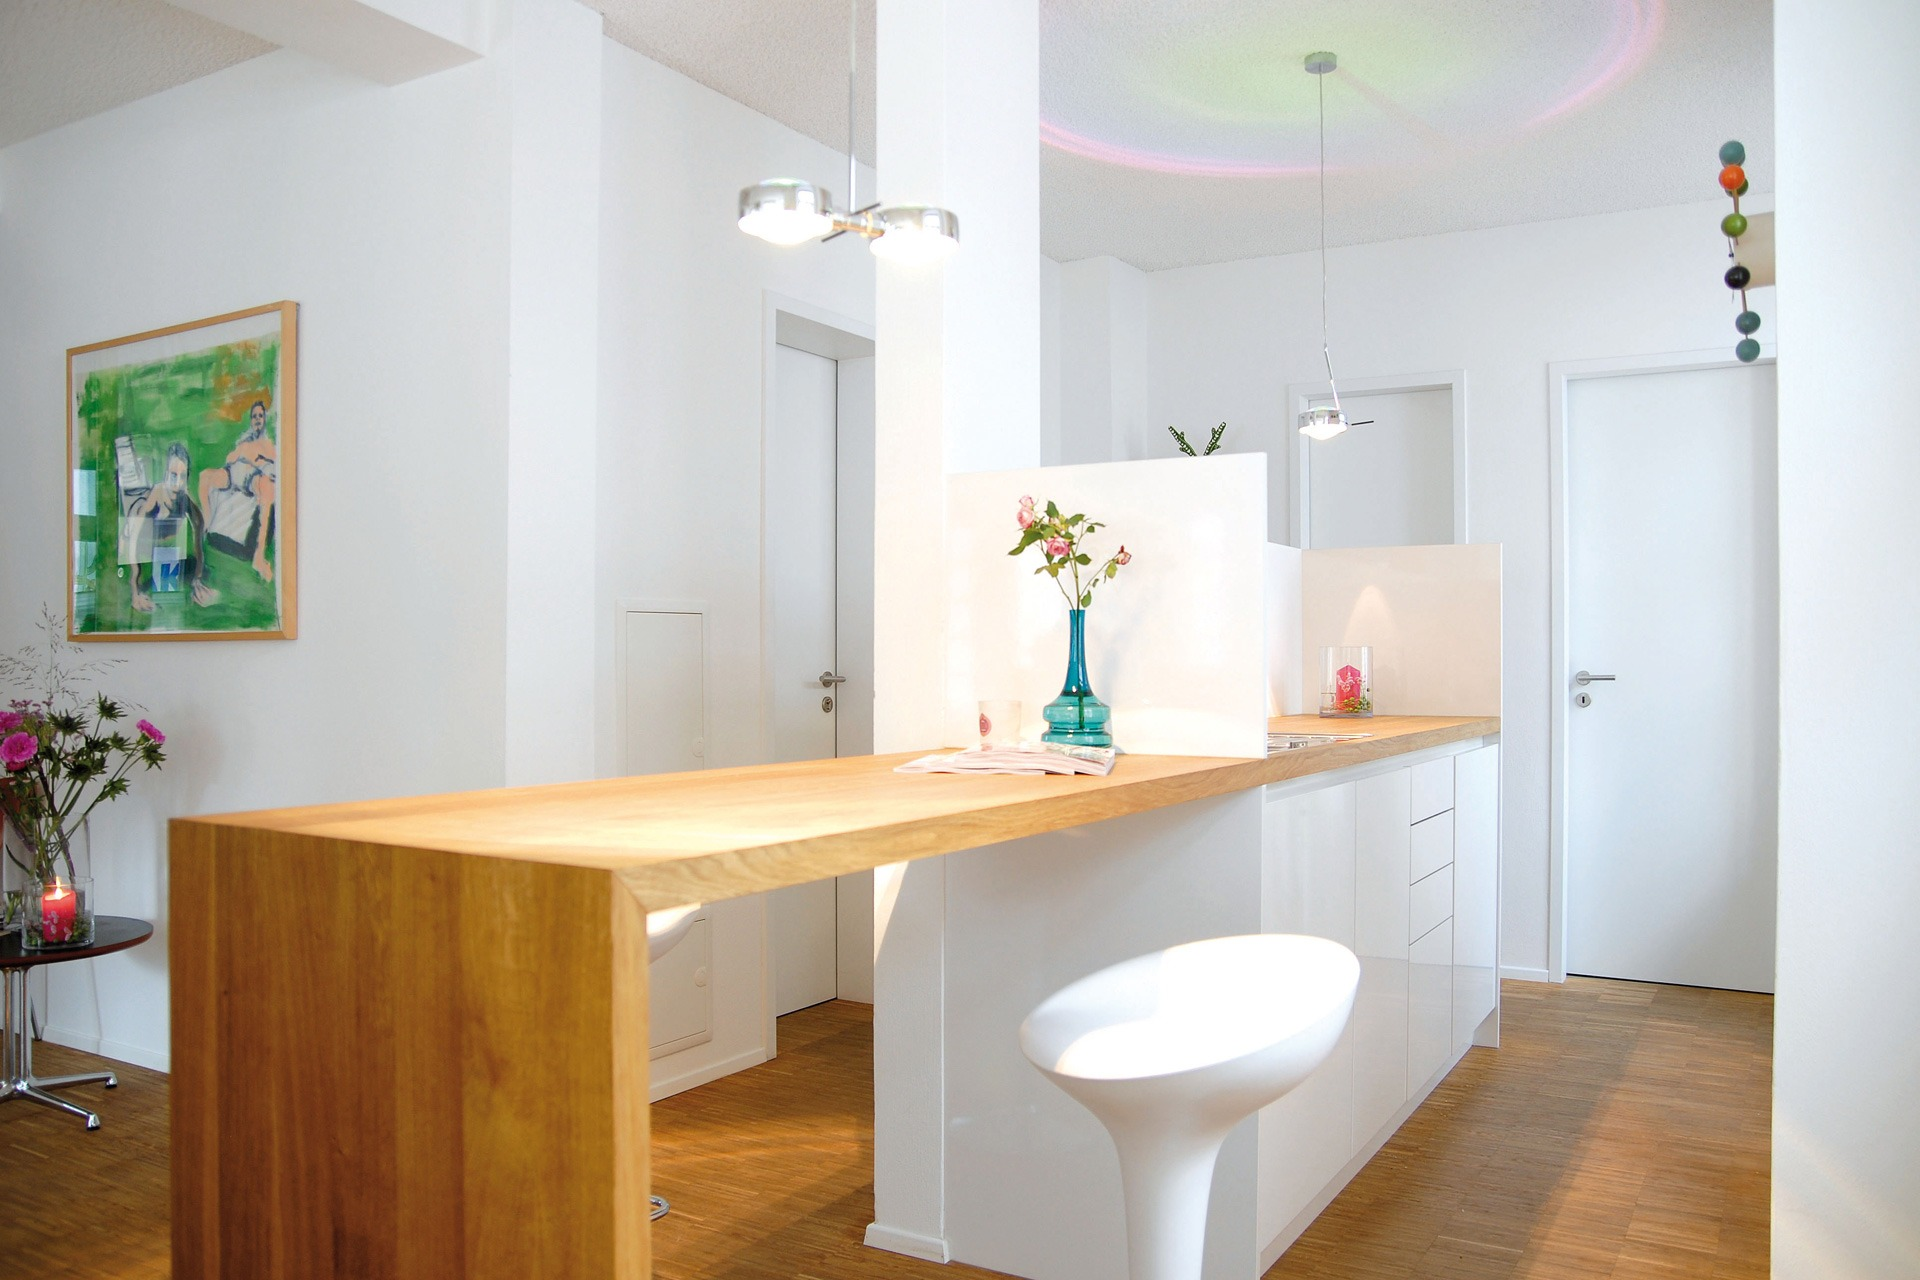 Individuelle Küchen vom Tischler – Ihr Schreiner Thaler aus Aulendorf